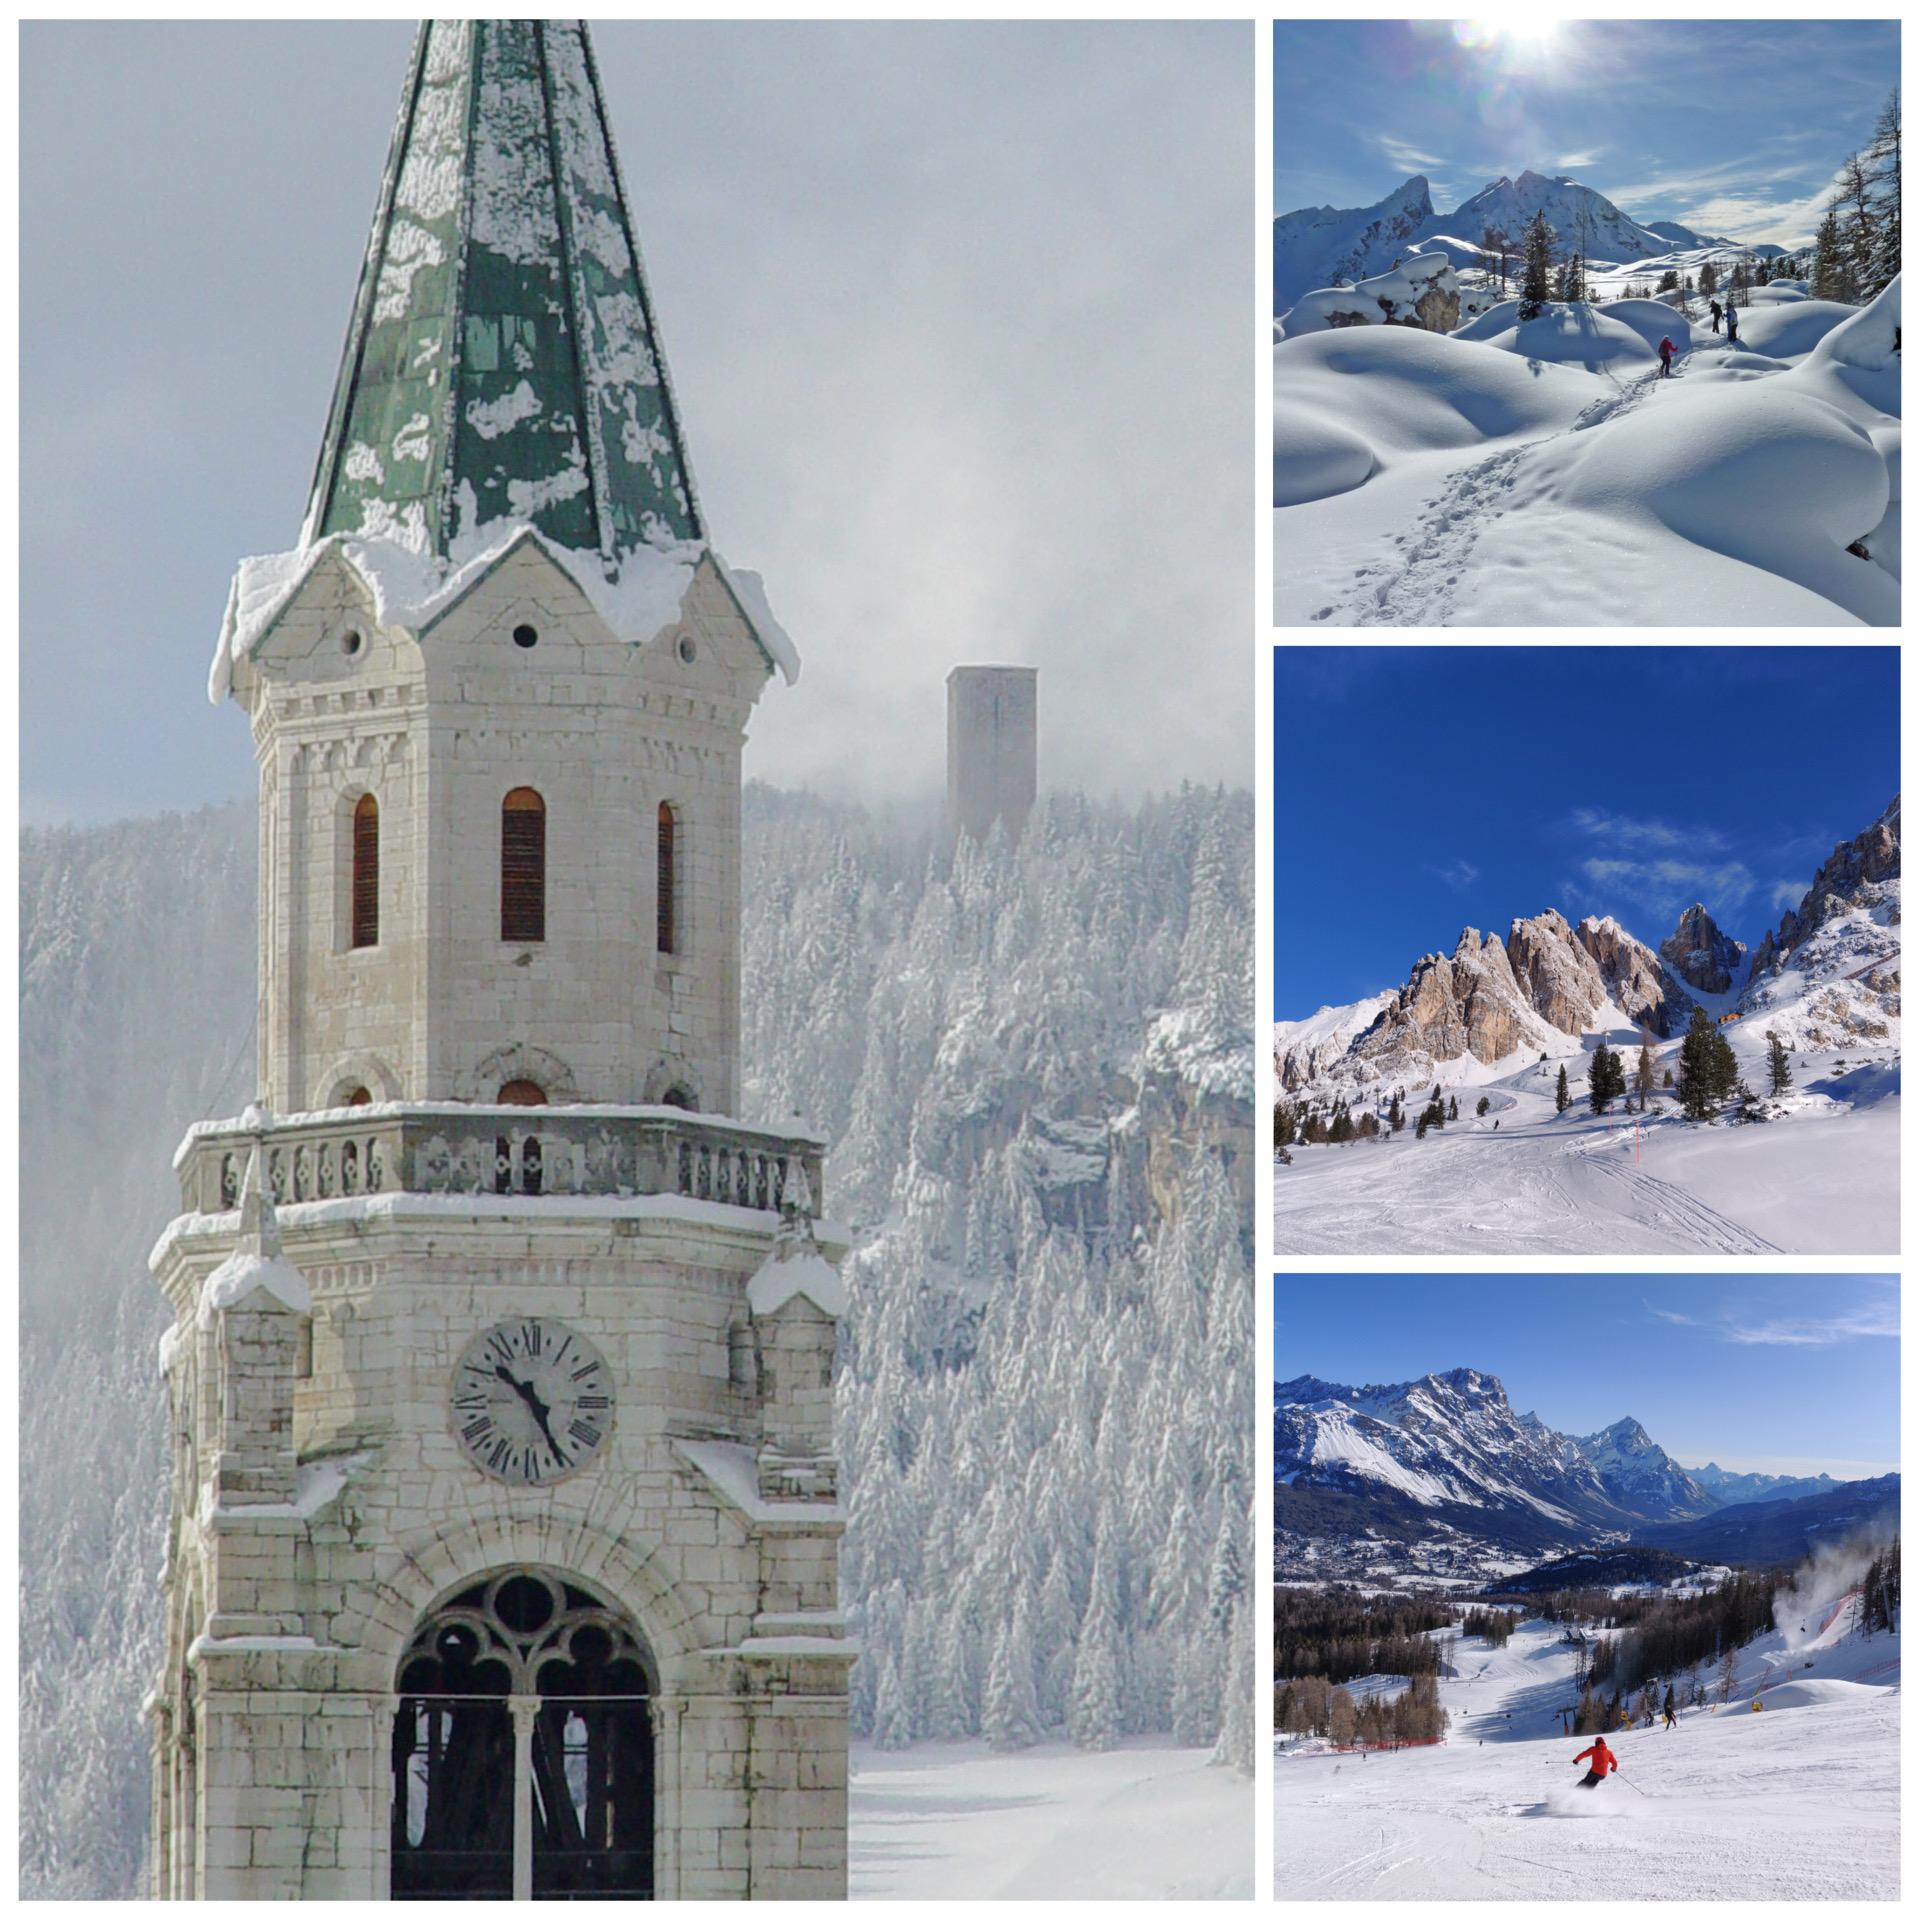 WInter Impressions: Cortina d'Ampezzo in the Dolomite Region, Italian Alps